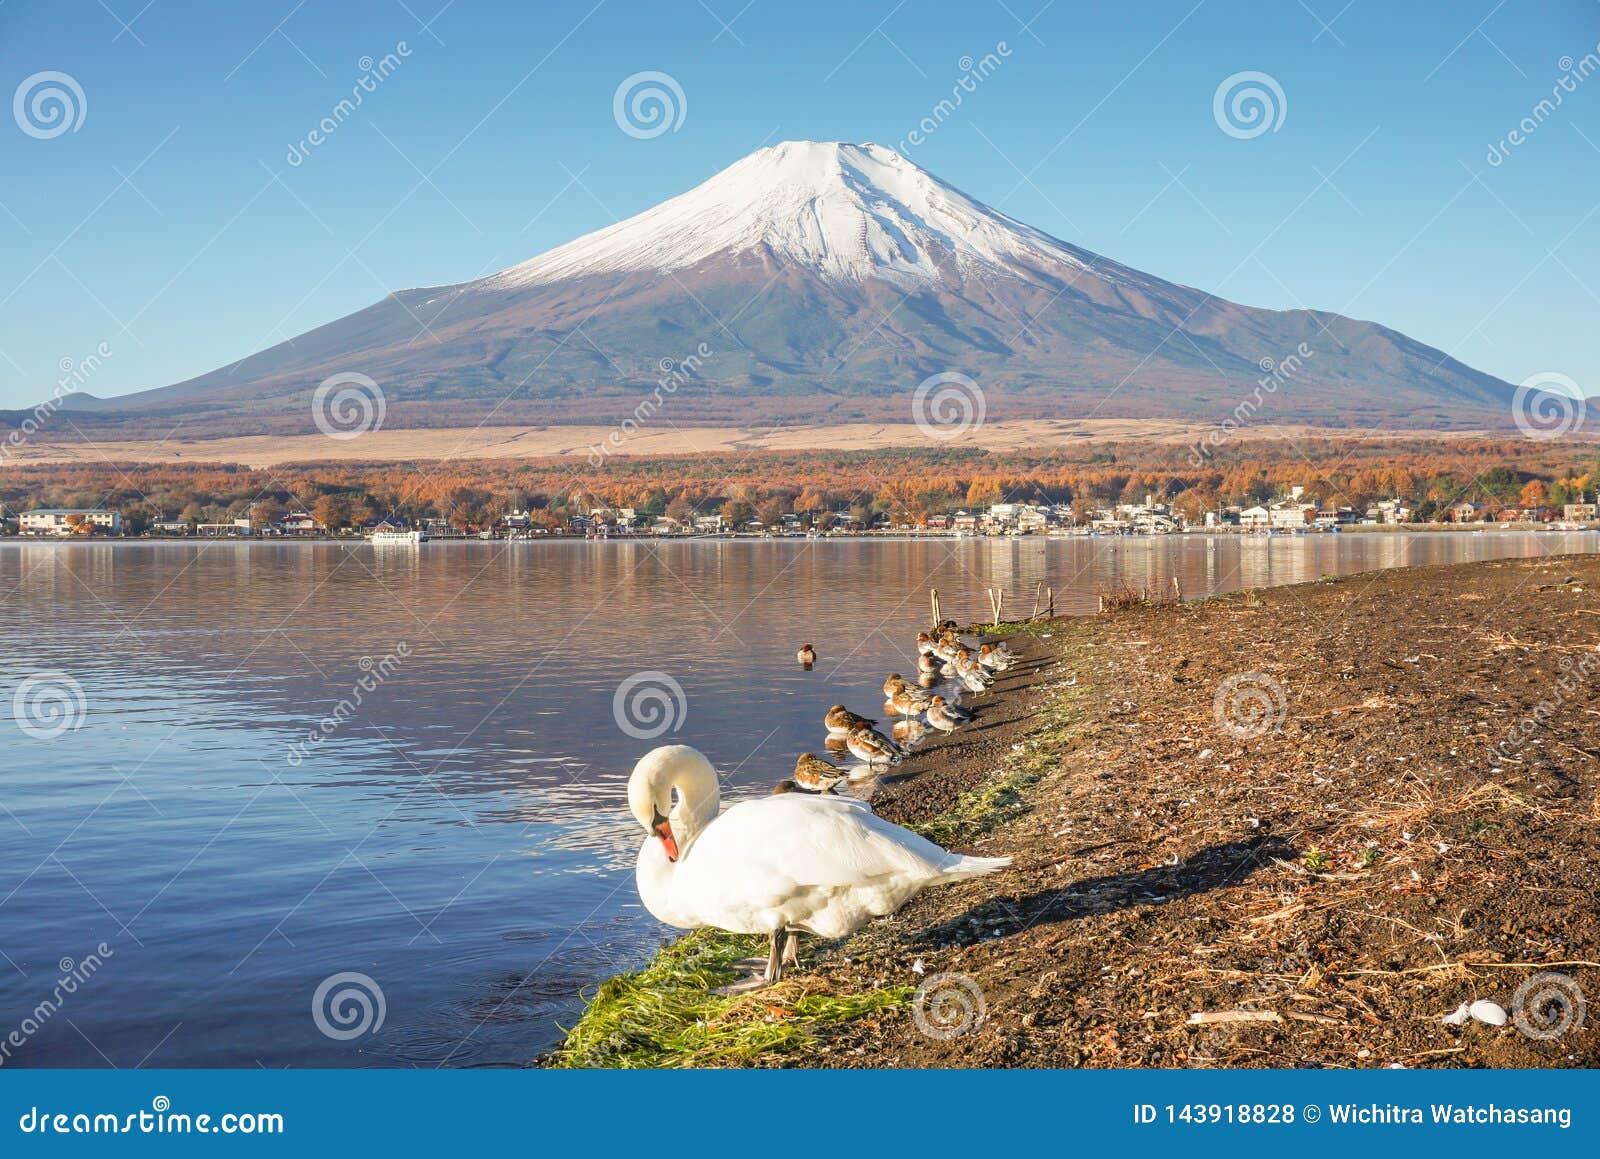 Mount Fuji med svanar på sjön Yamanaka